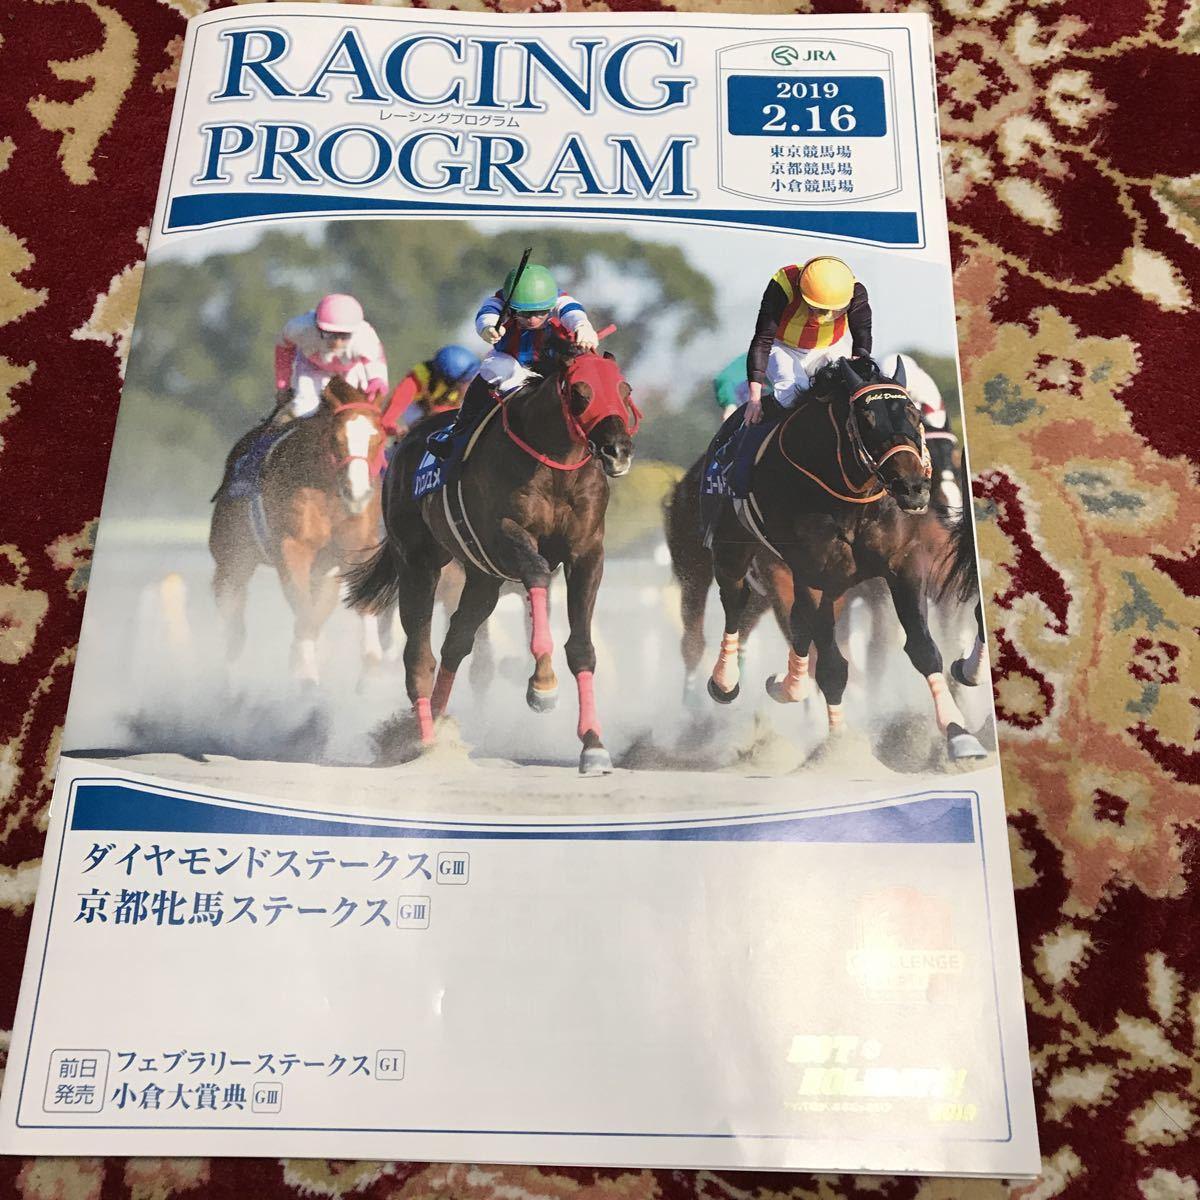 JRAレーシングプログラム2019.2.16、ダイヤモンドステークス(GⅢ)、京都牝馬ステークス(GⅢ)_画像1